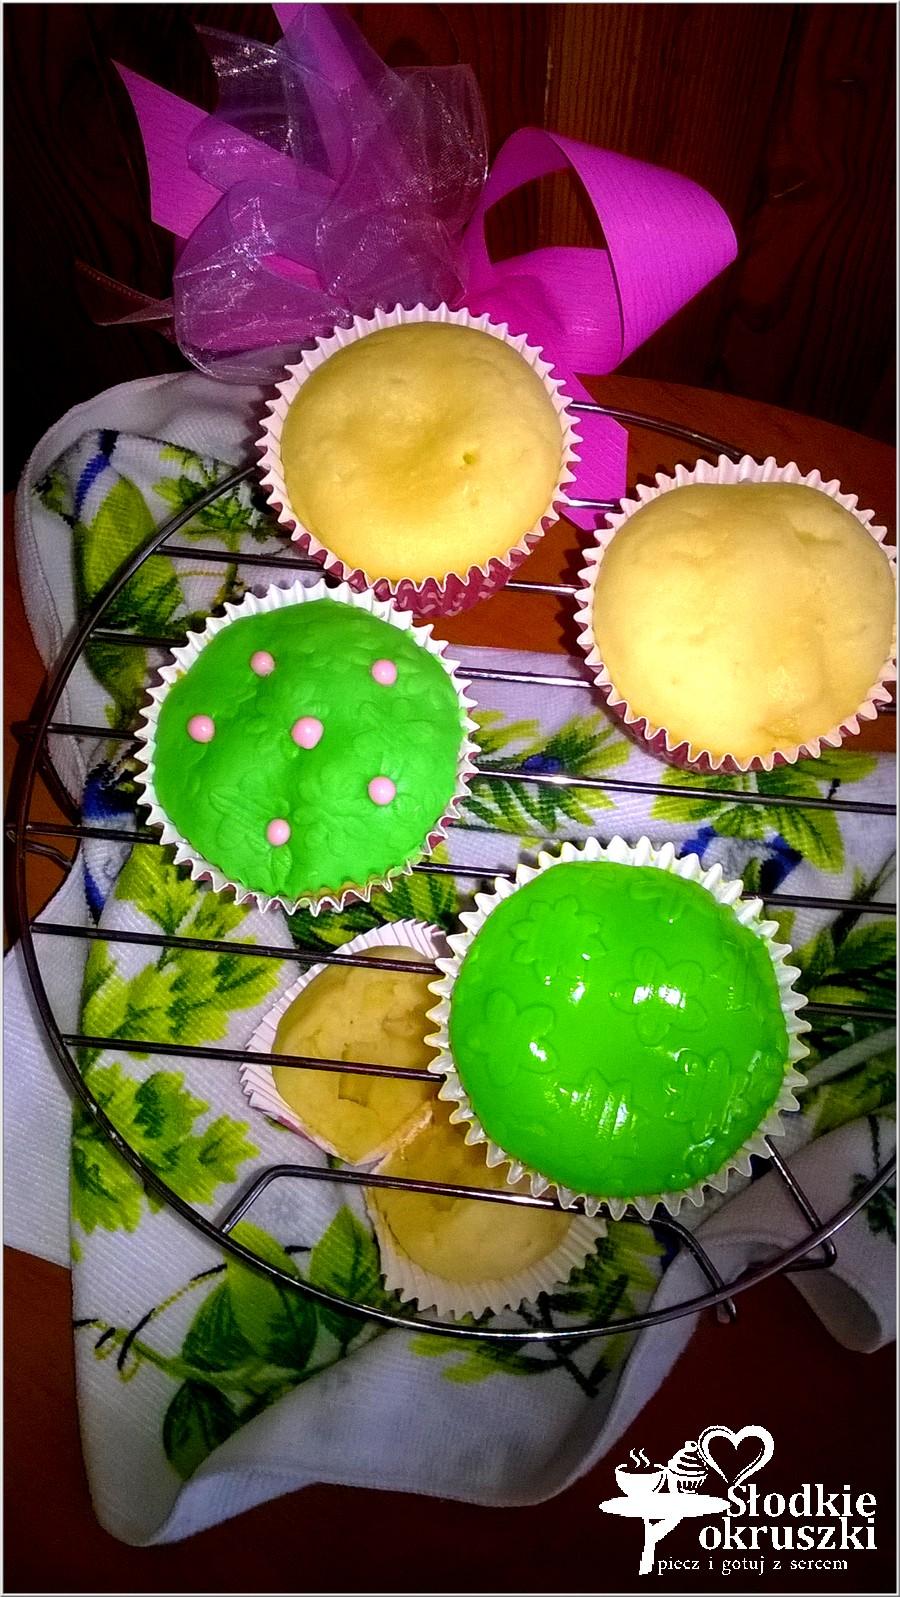 Mleczne babeczki z ananasem z zieloną łączką (4)